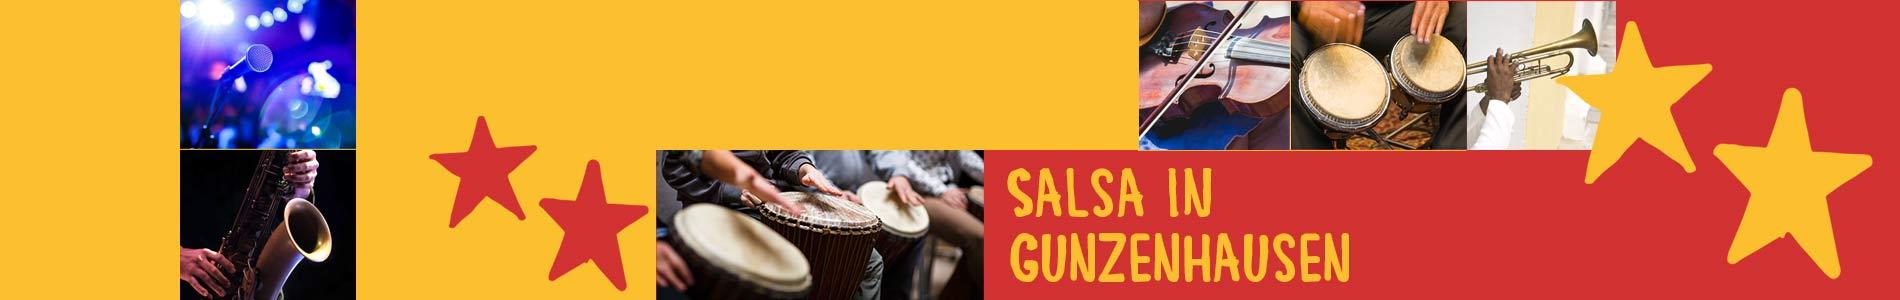 Salsa in Gunzenhausen – Salsa lernen und tanzen, Tanzkurse, Partys, Veranstaltungen